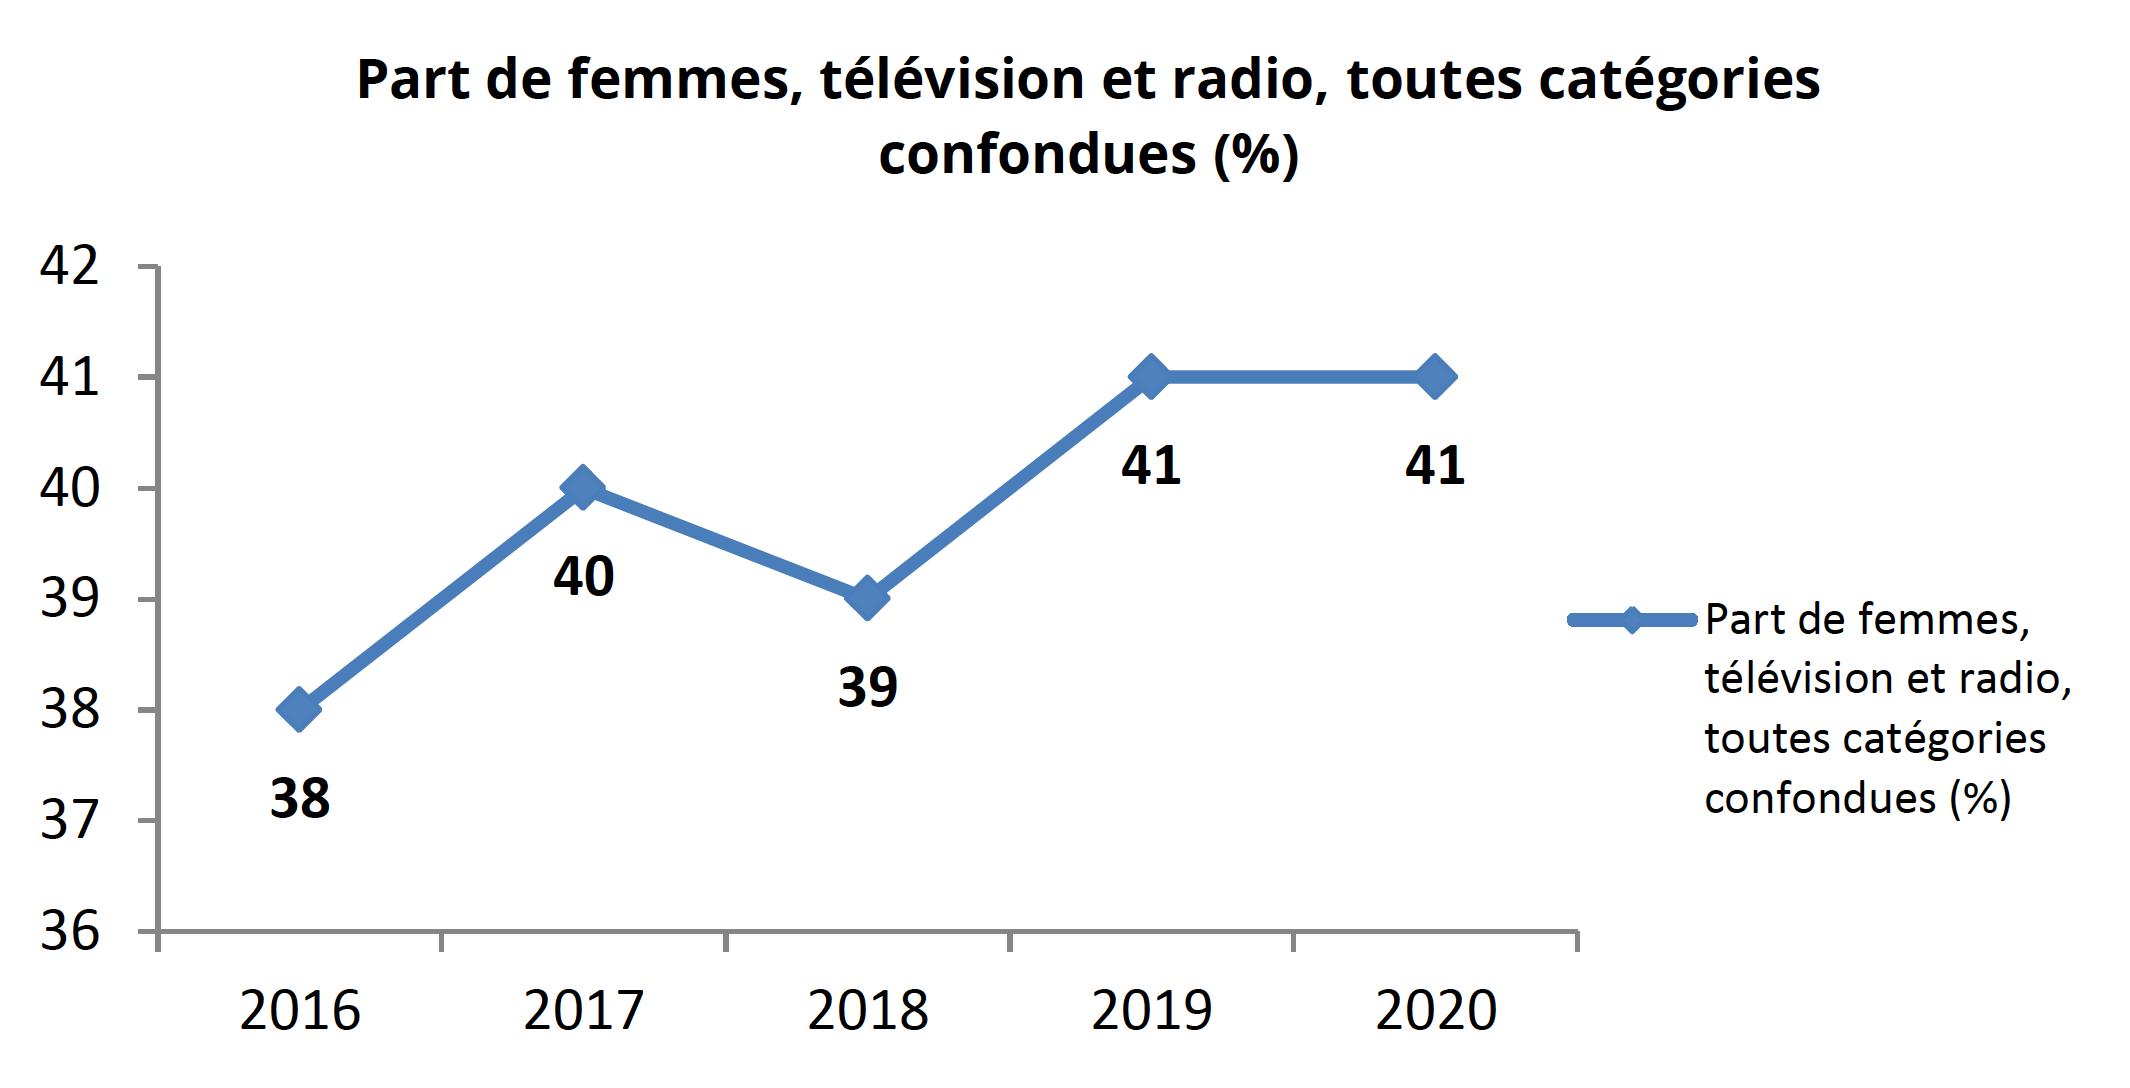 En 2020, et pour la deuxième année consécutive, la part des femmes présentes à l'antenne - télévision et radio confondues - dépasse la barre des 40% (41% contre 59% d'hommes).